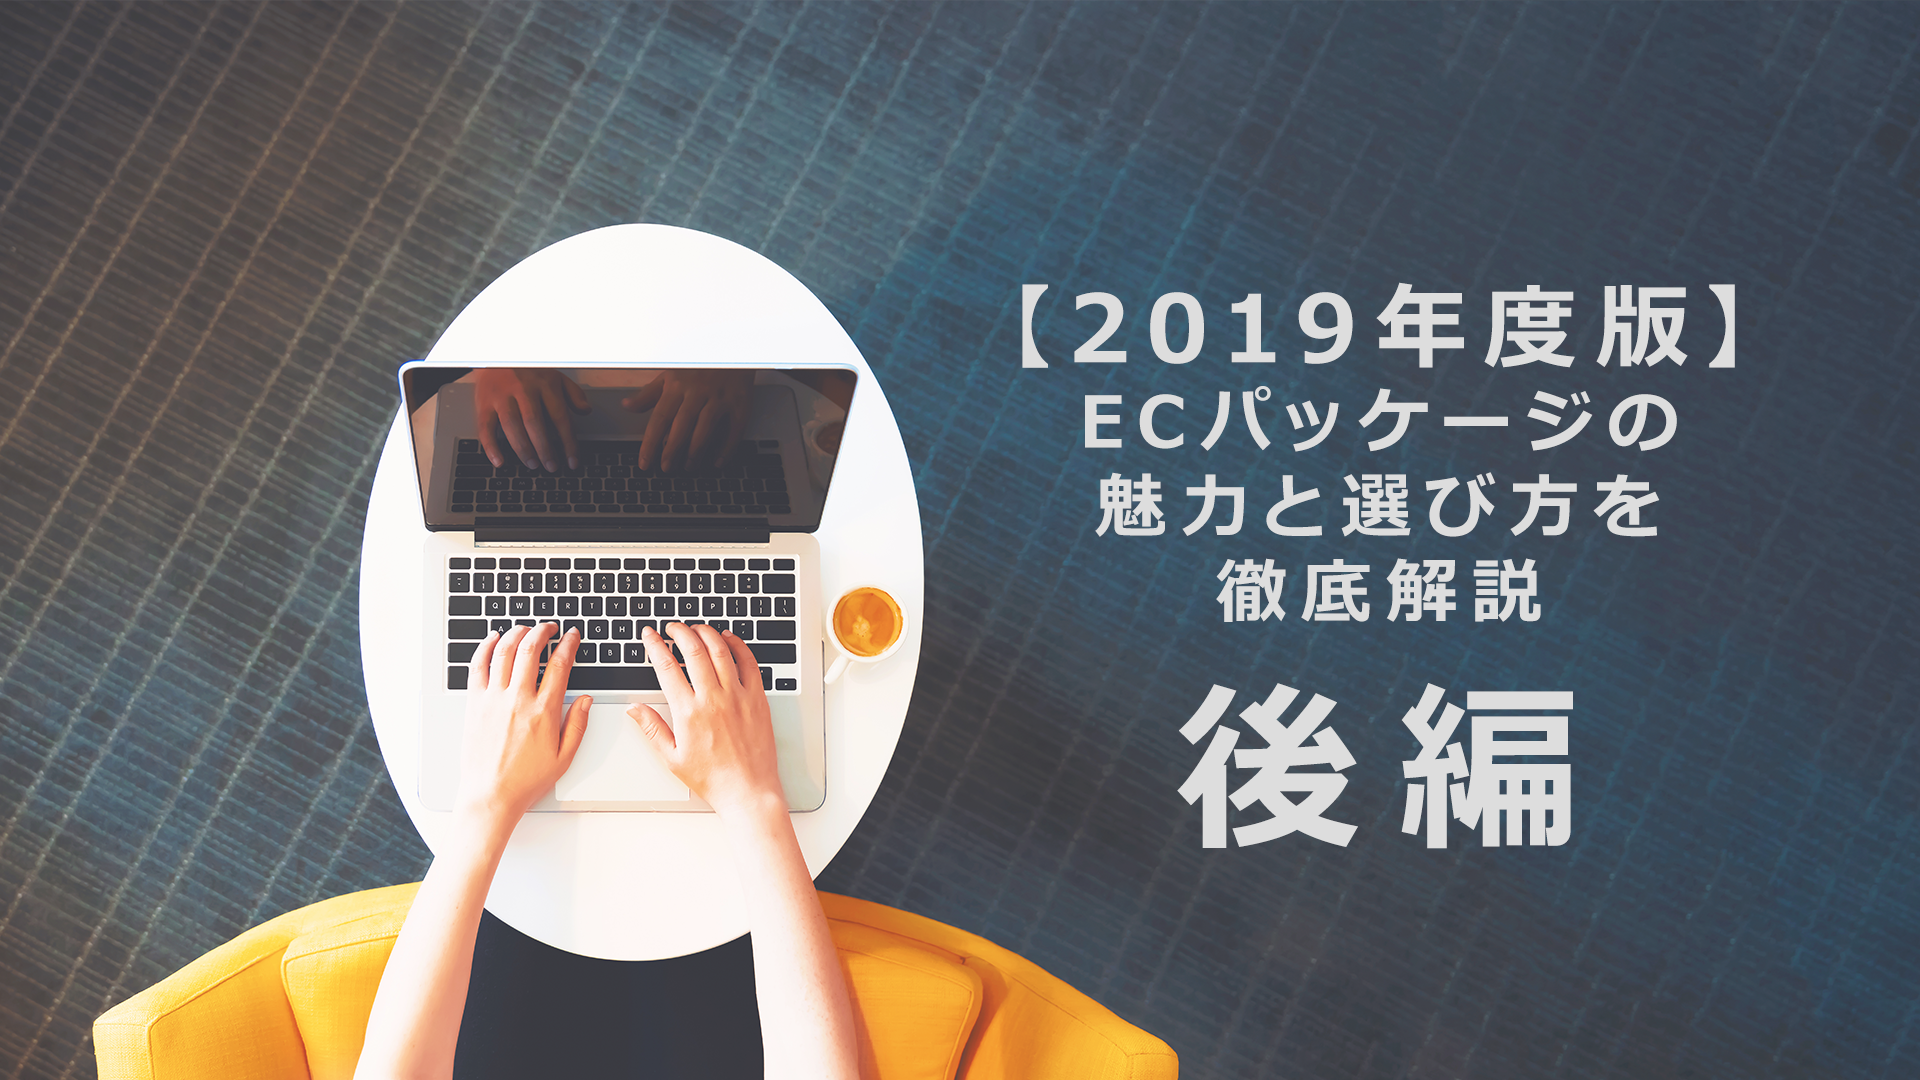 【後編】【2019年度版】ECパッケージの魅力と選び方を徹底解説